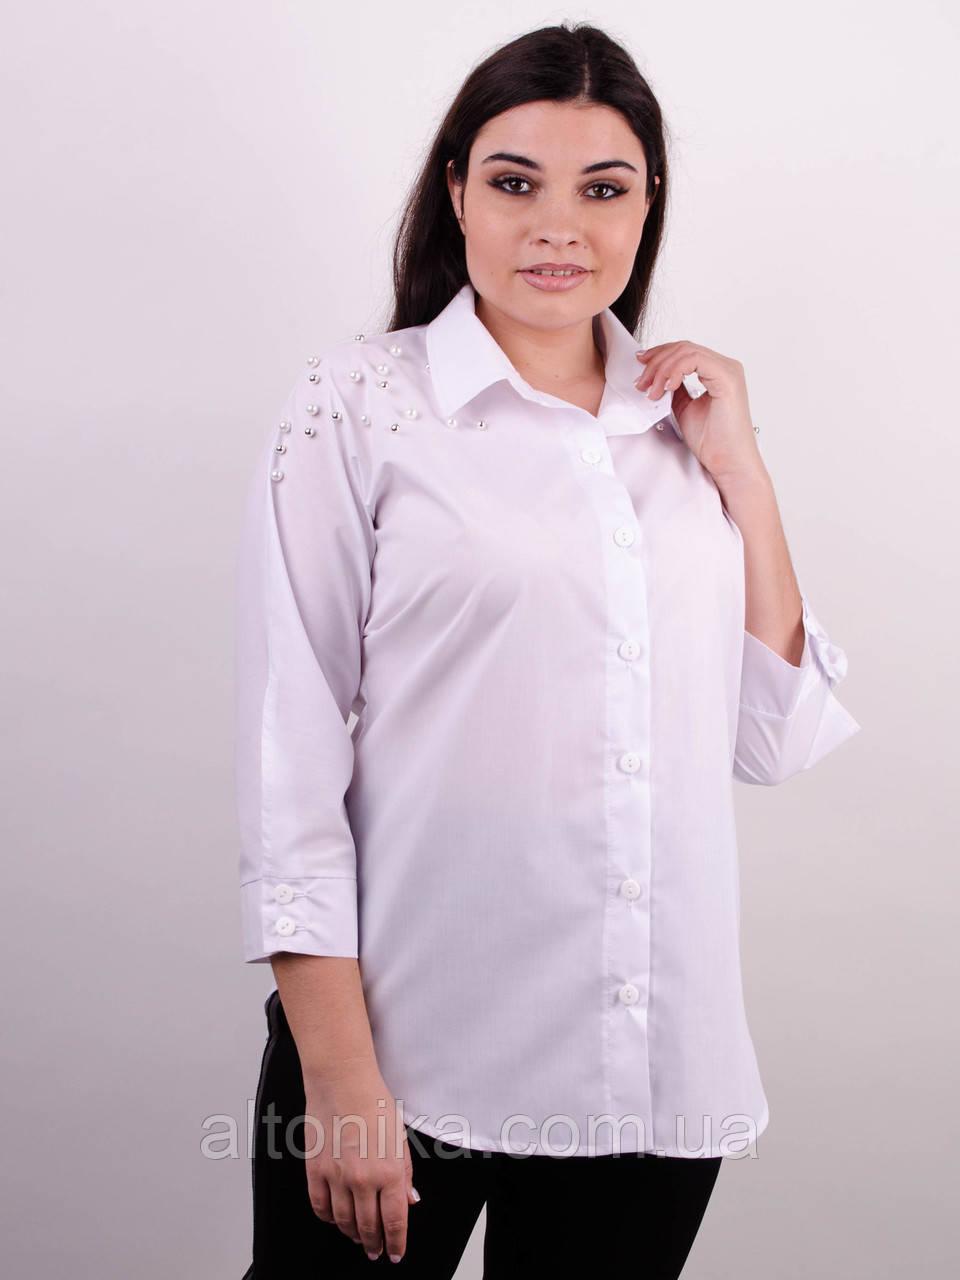 Магда. Рубашка для офиса больших размеров 58-60, 62-64